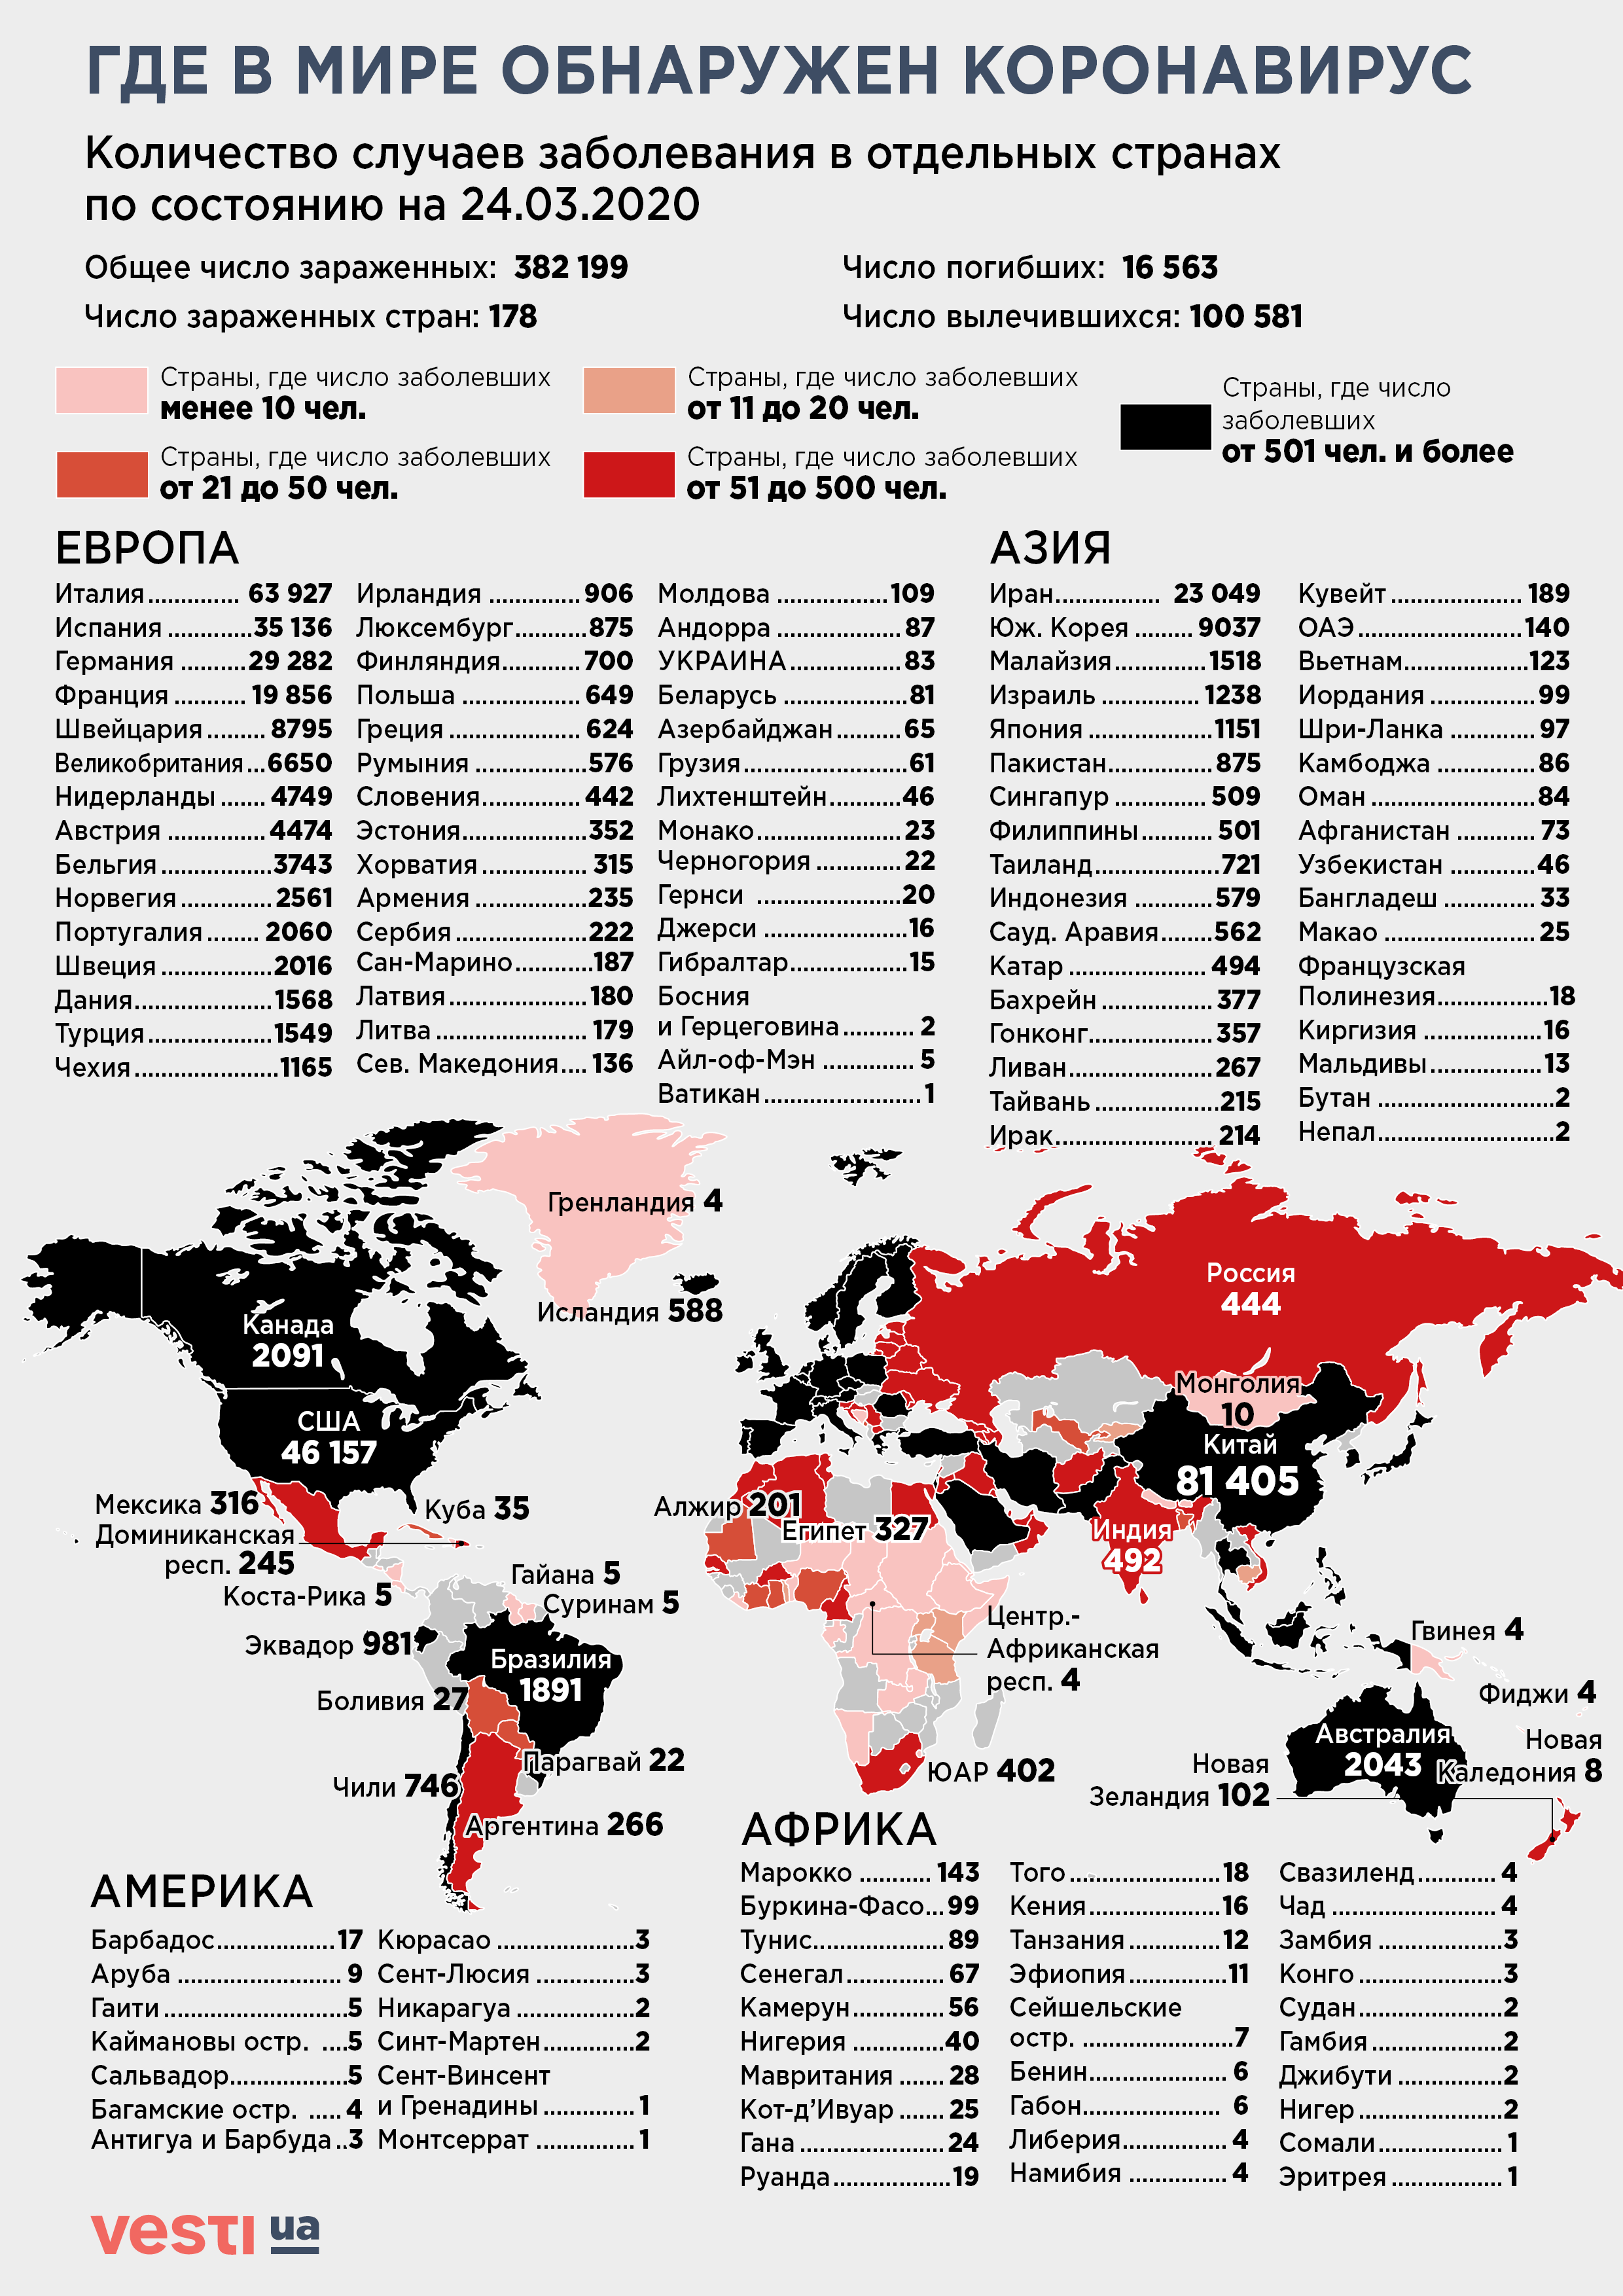 Всемирный карантин - 20% населения Земли самоизолировались из-за Covid-19 - фото 1